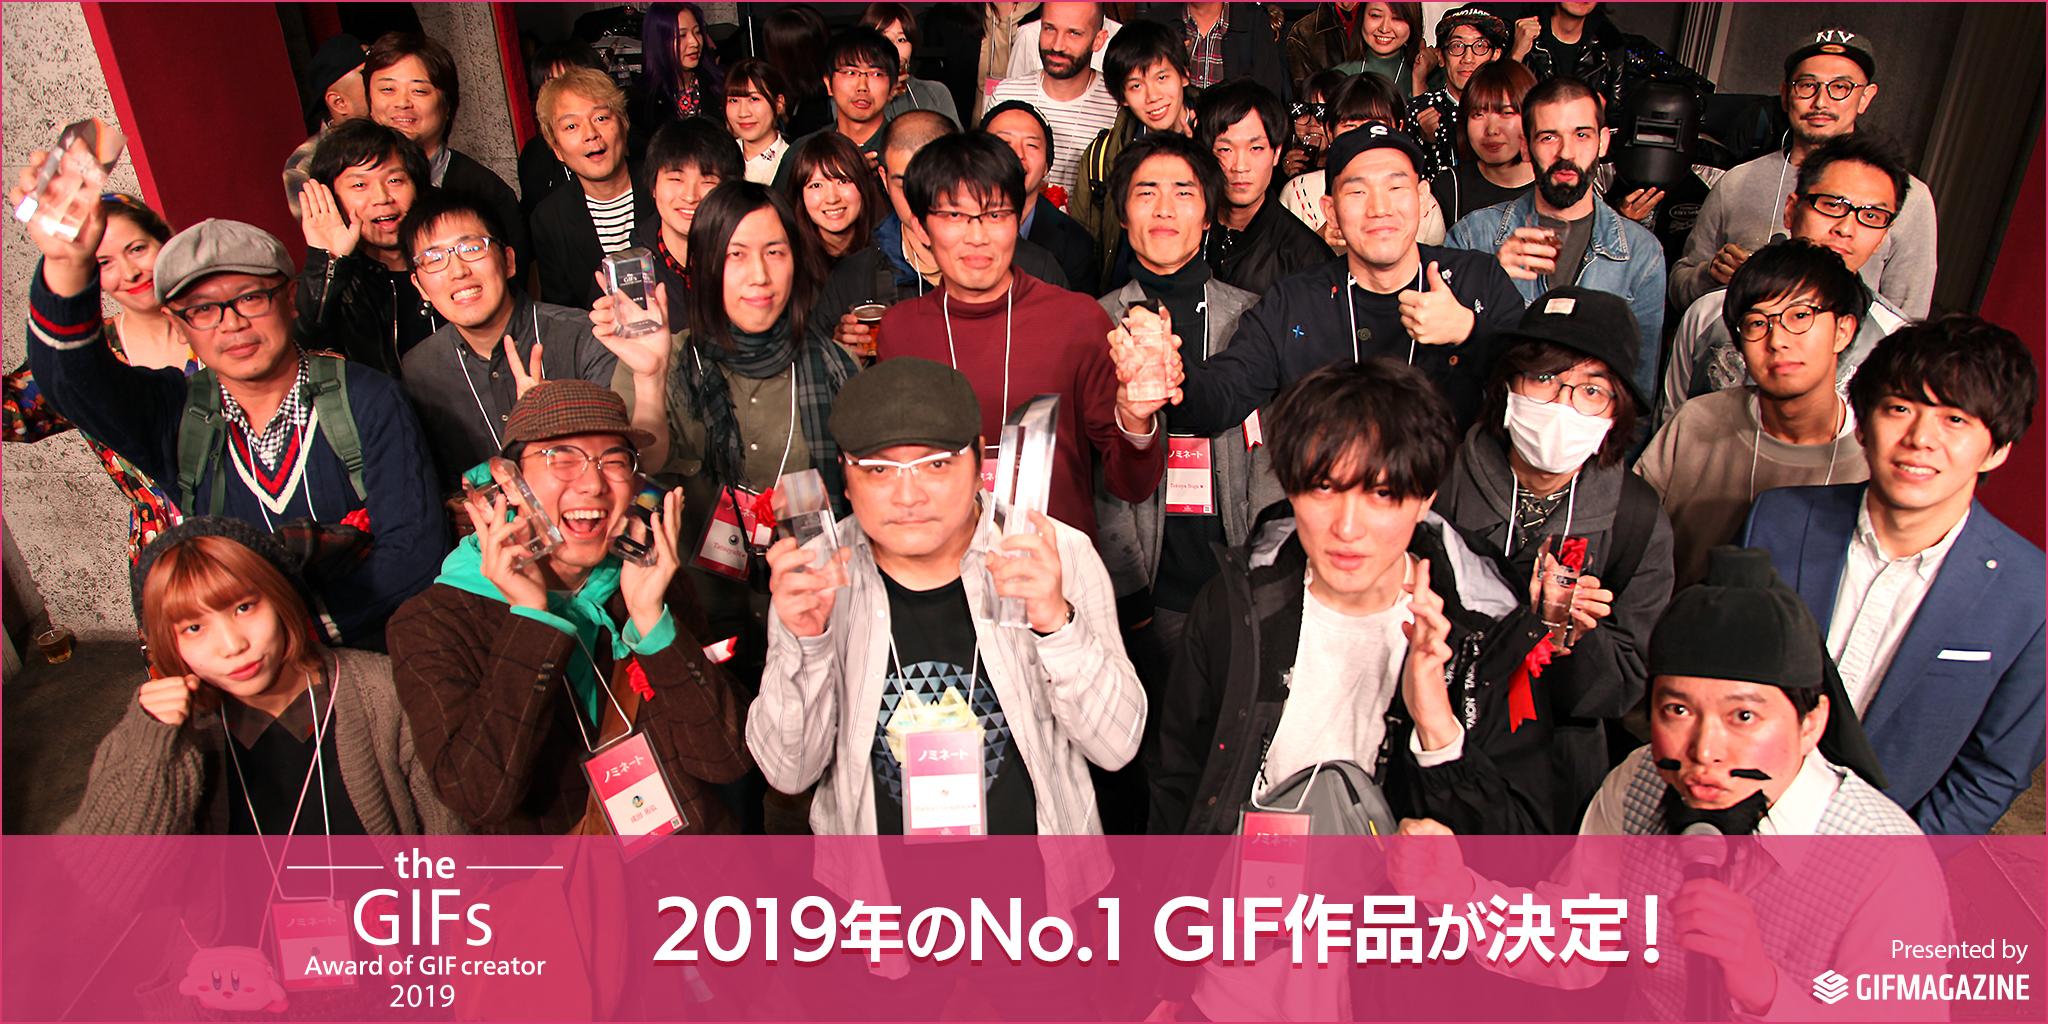 【イベントレポート】GIFアニメの祭典 theGIFs2019。エントリー1,500点の中から今年のNo.1 GIFが決定!